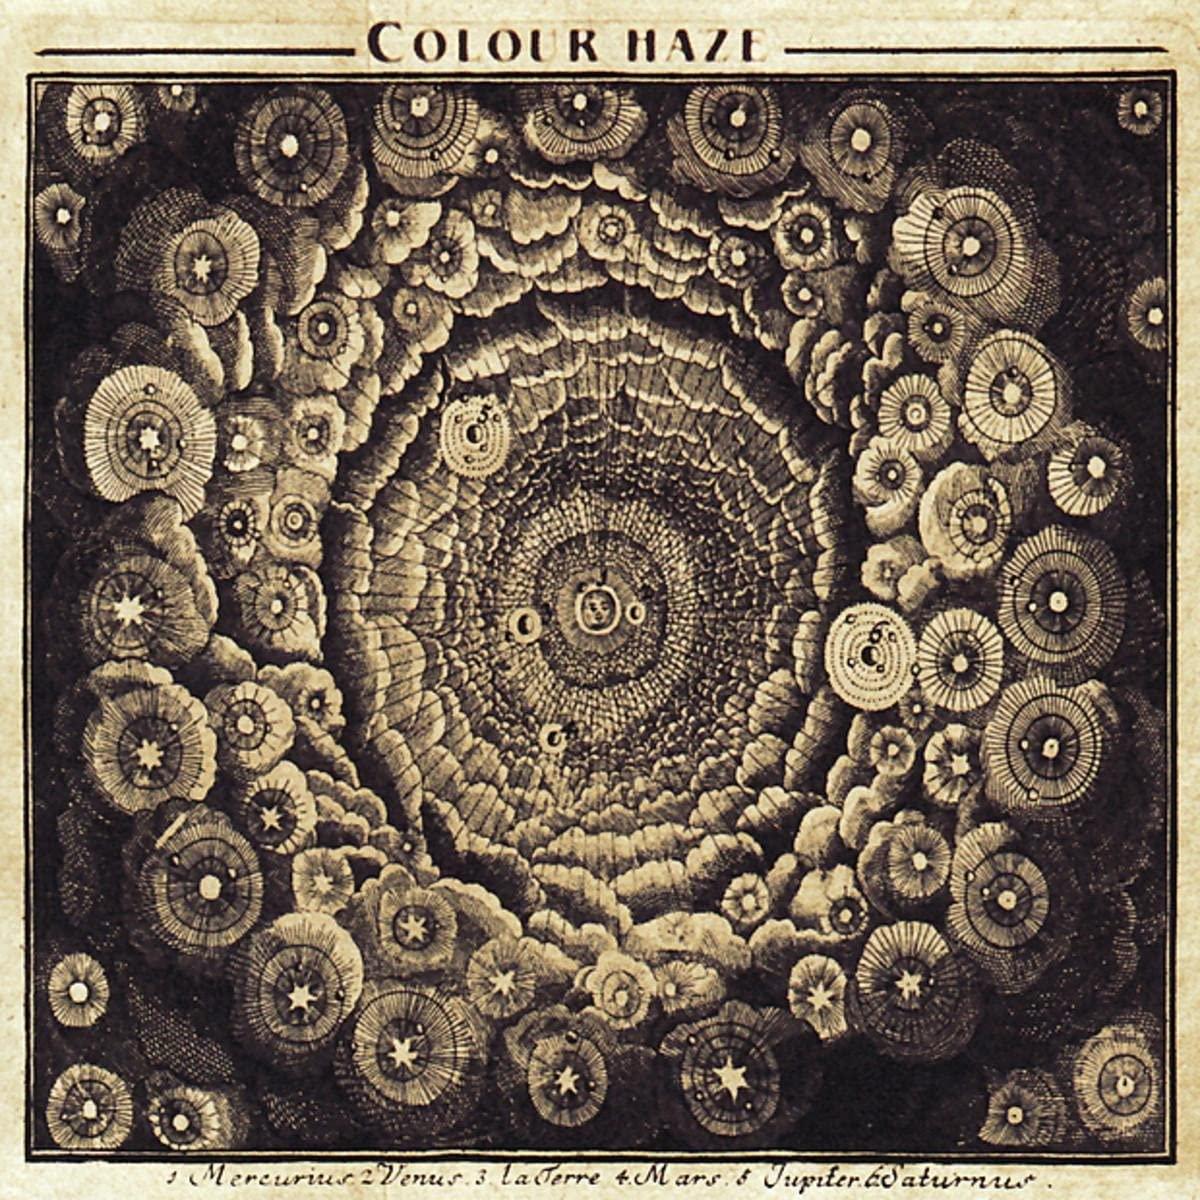 Colour Haze - Colour Haze [LP]